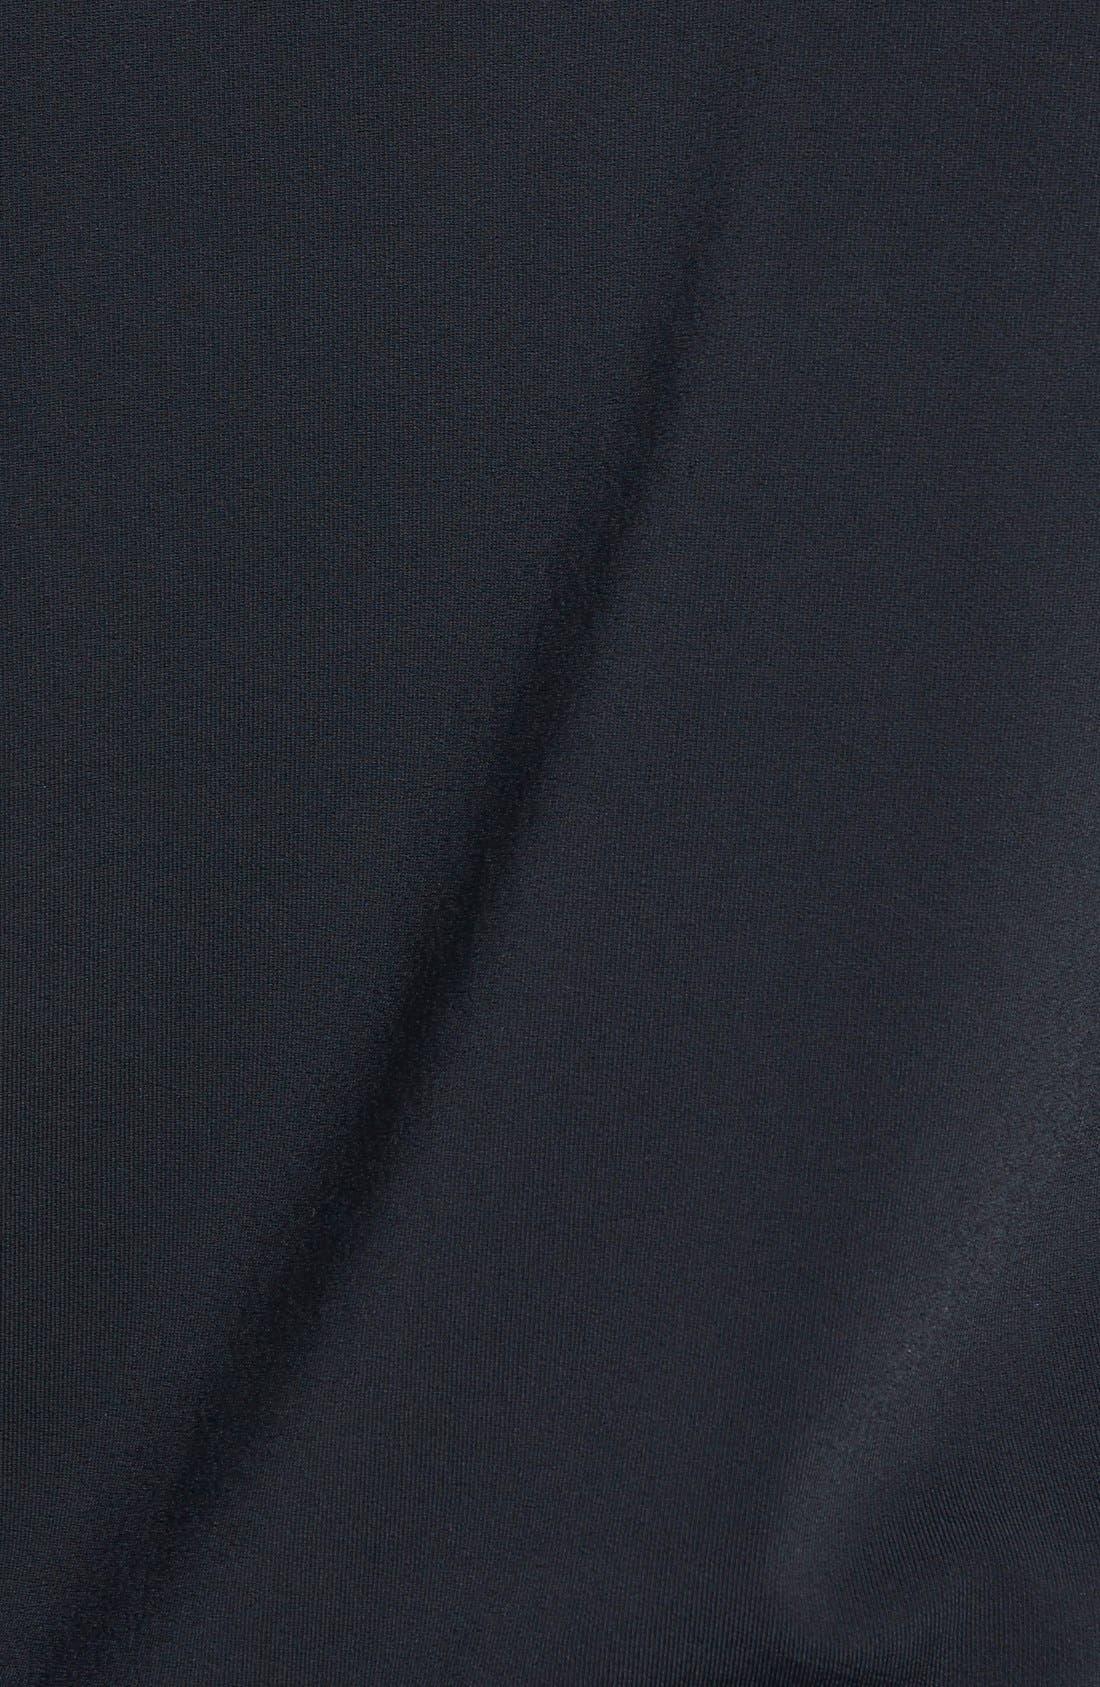 Alternate Image 3  - Halogen® Fine Gauge Crewneck Sweater (Regular & Petite)